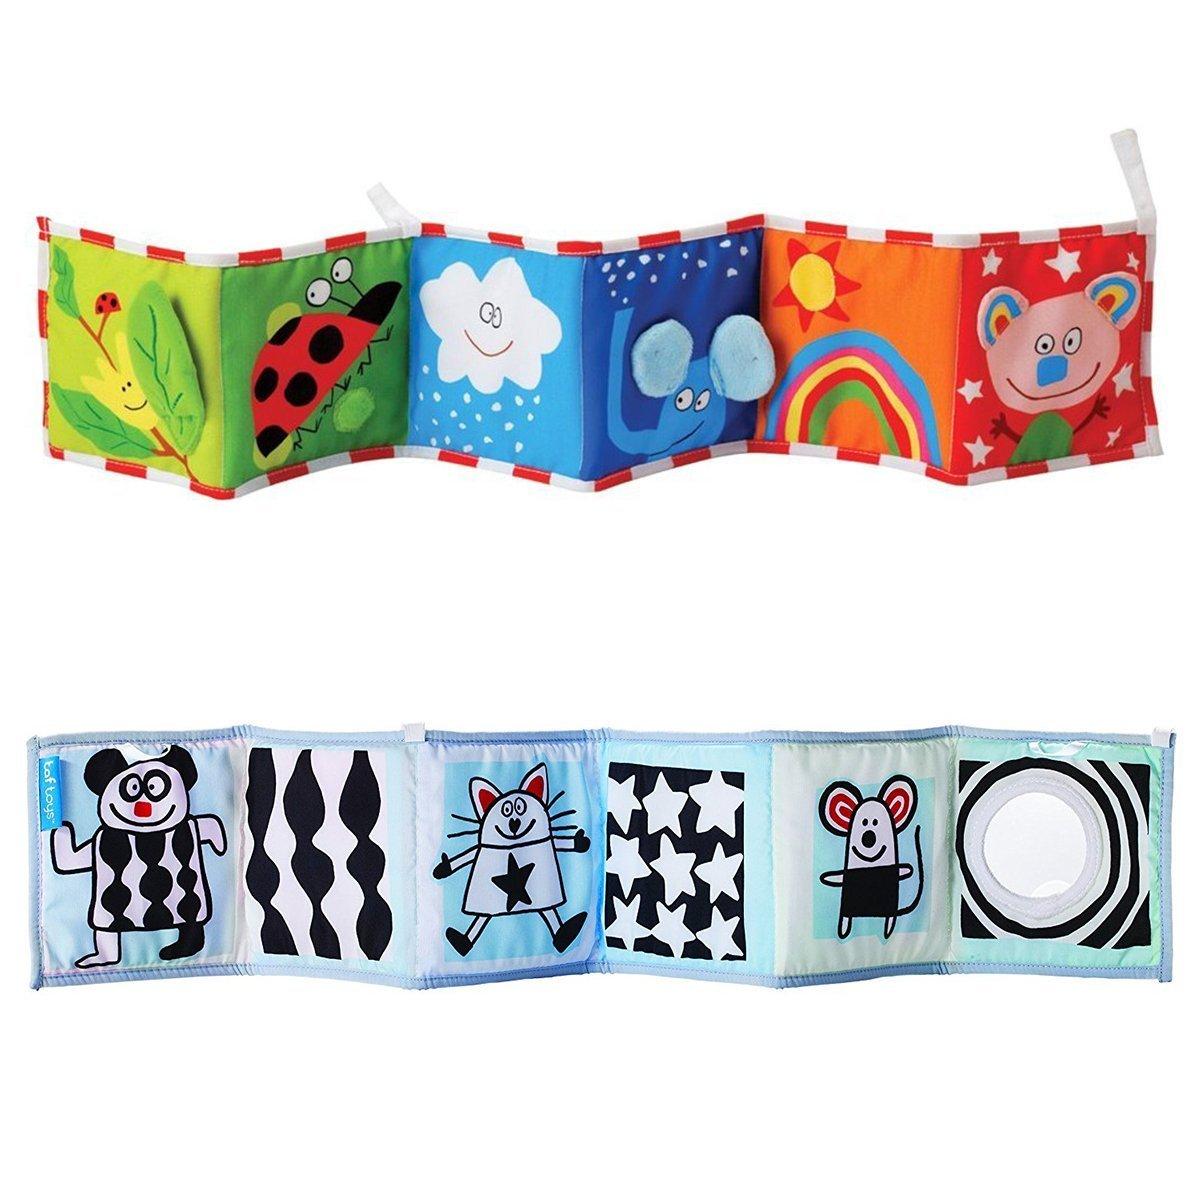 Nuolux Kinderbett Bett-Set Bumper-Set für Babybett Baby Wechselrahmen Kinderwagen Buch (zufällige Farbe) VBPRHMAZUKAZIA3368